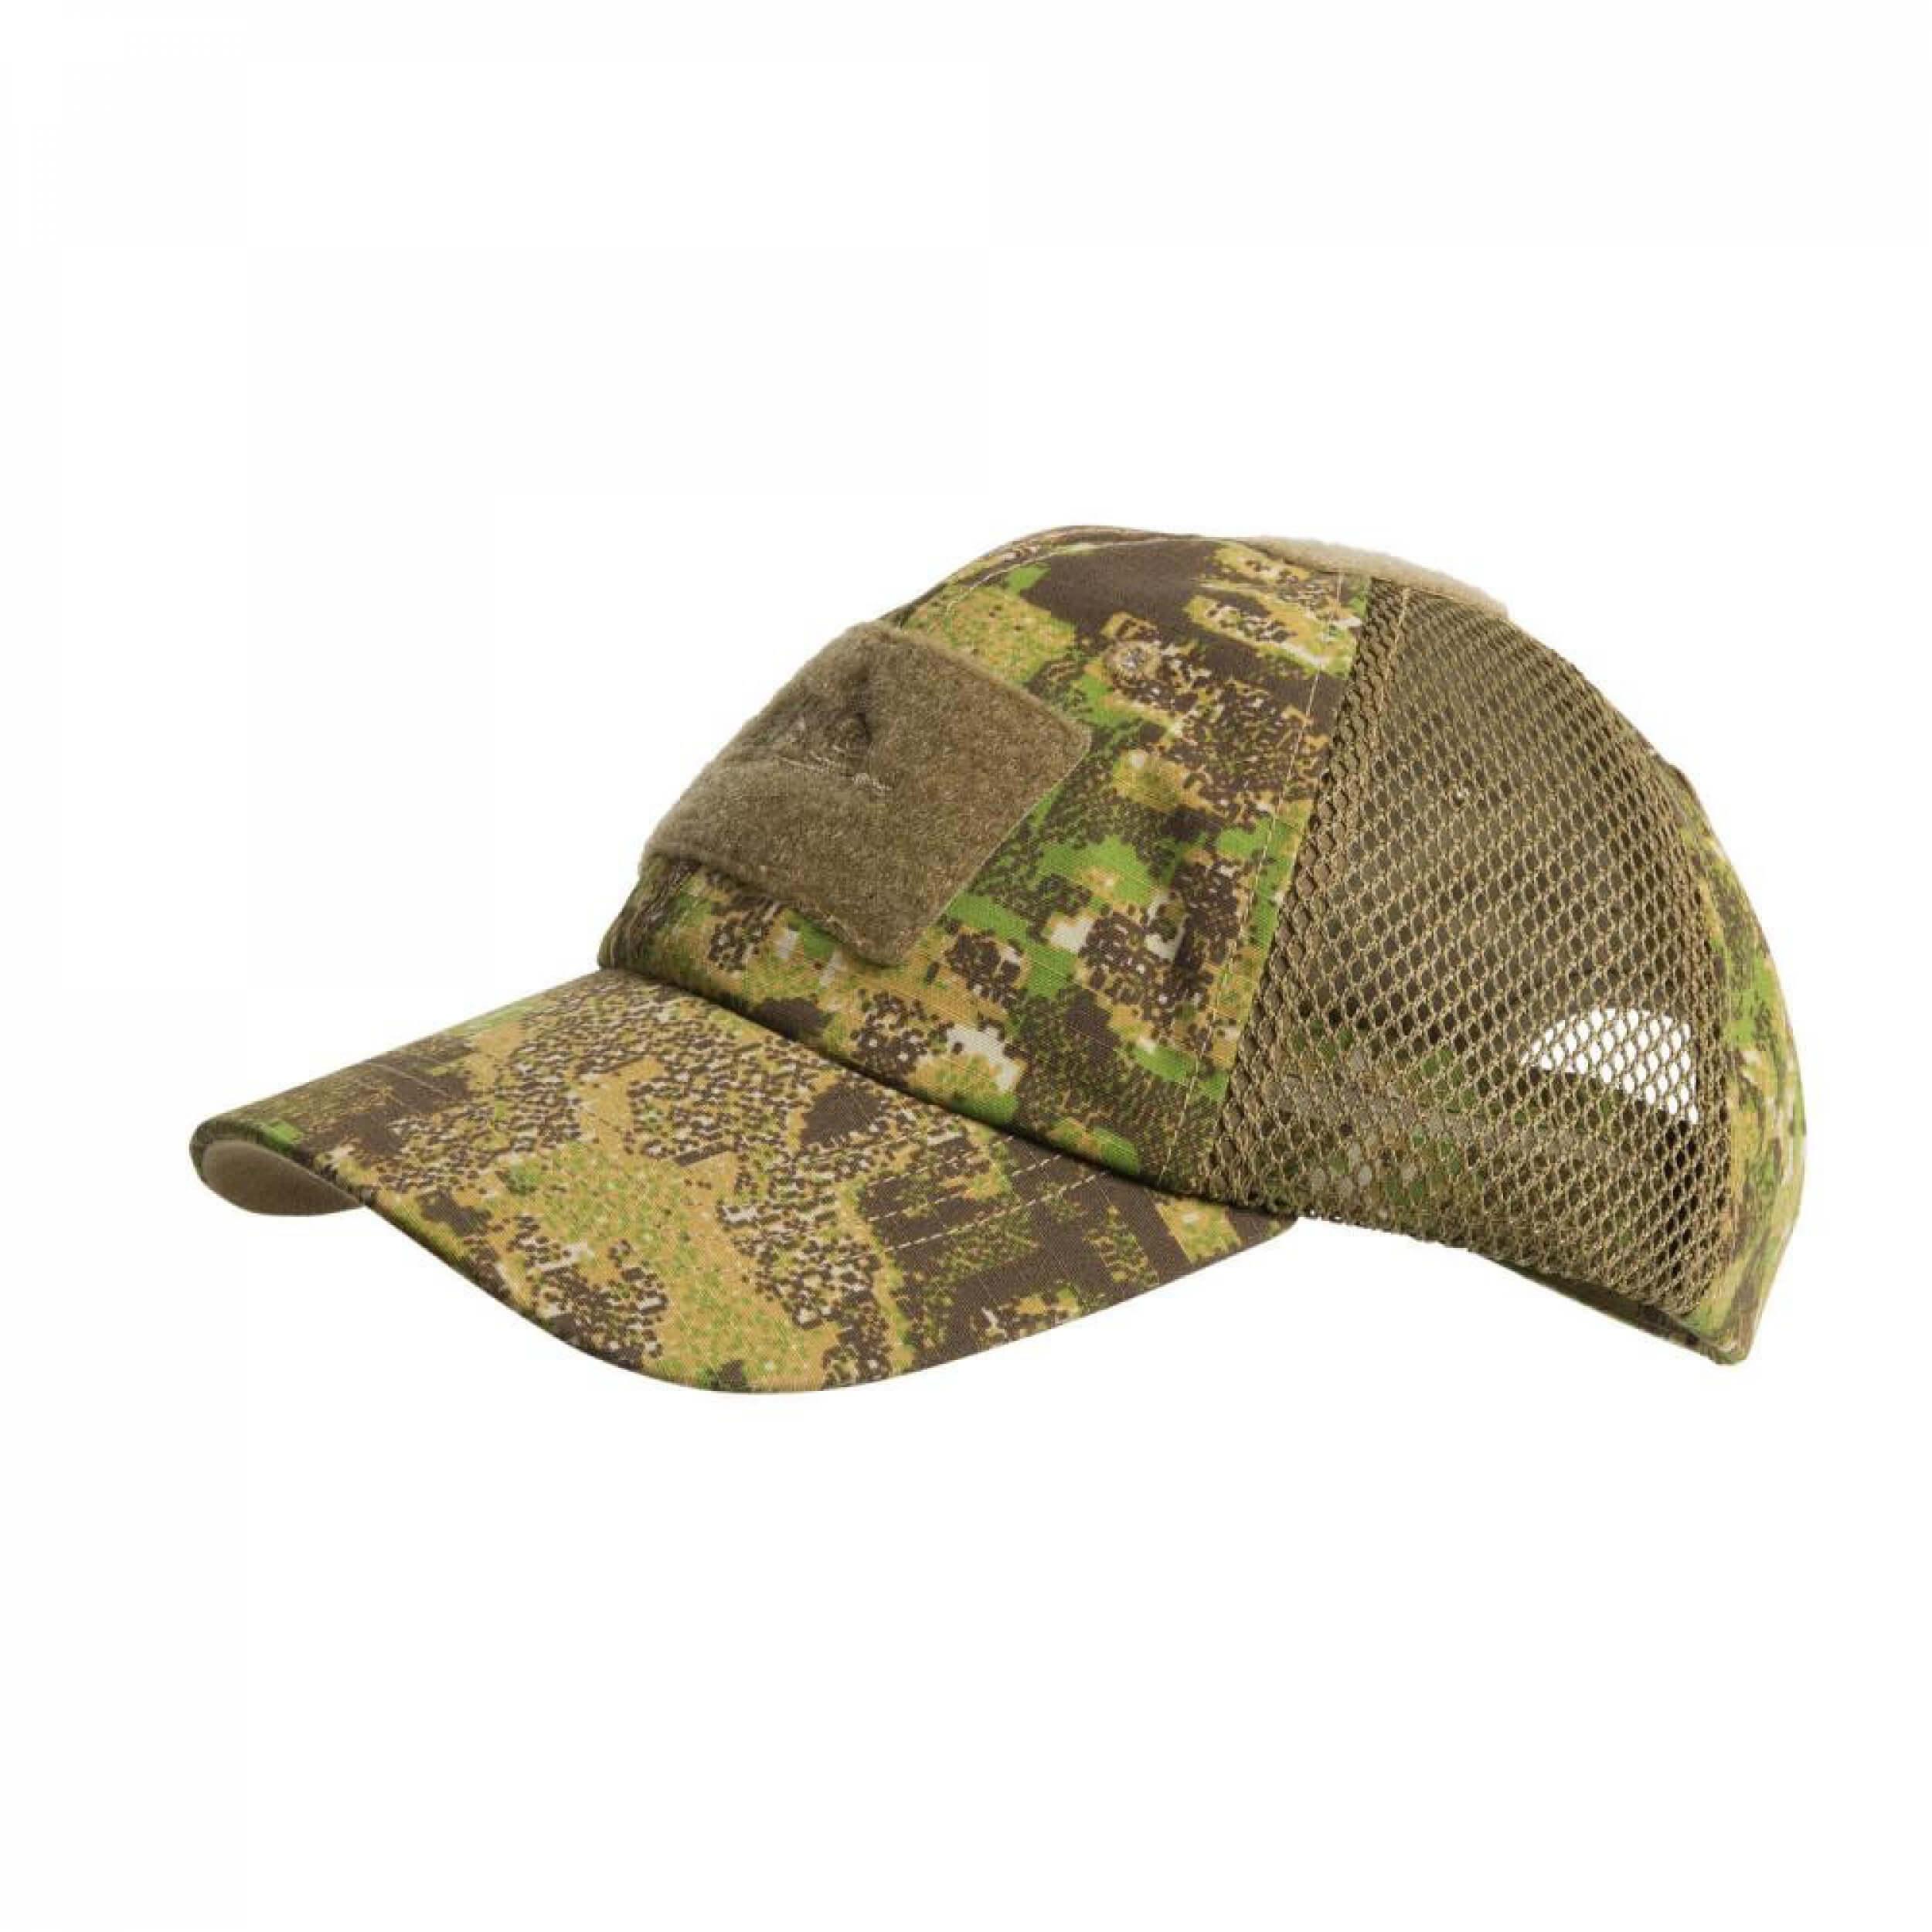 Helikon-Tex Baseball Vent Cap - NyCo Ripstop - PenCott Greenzone